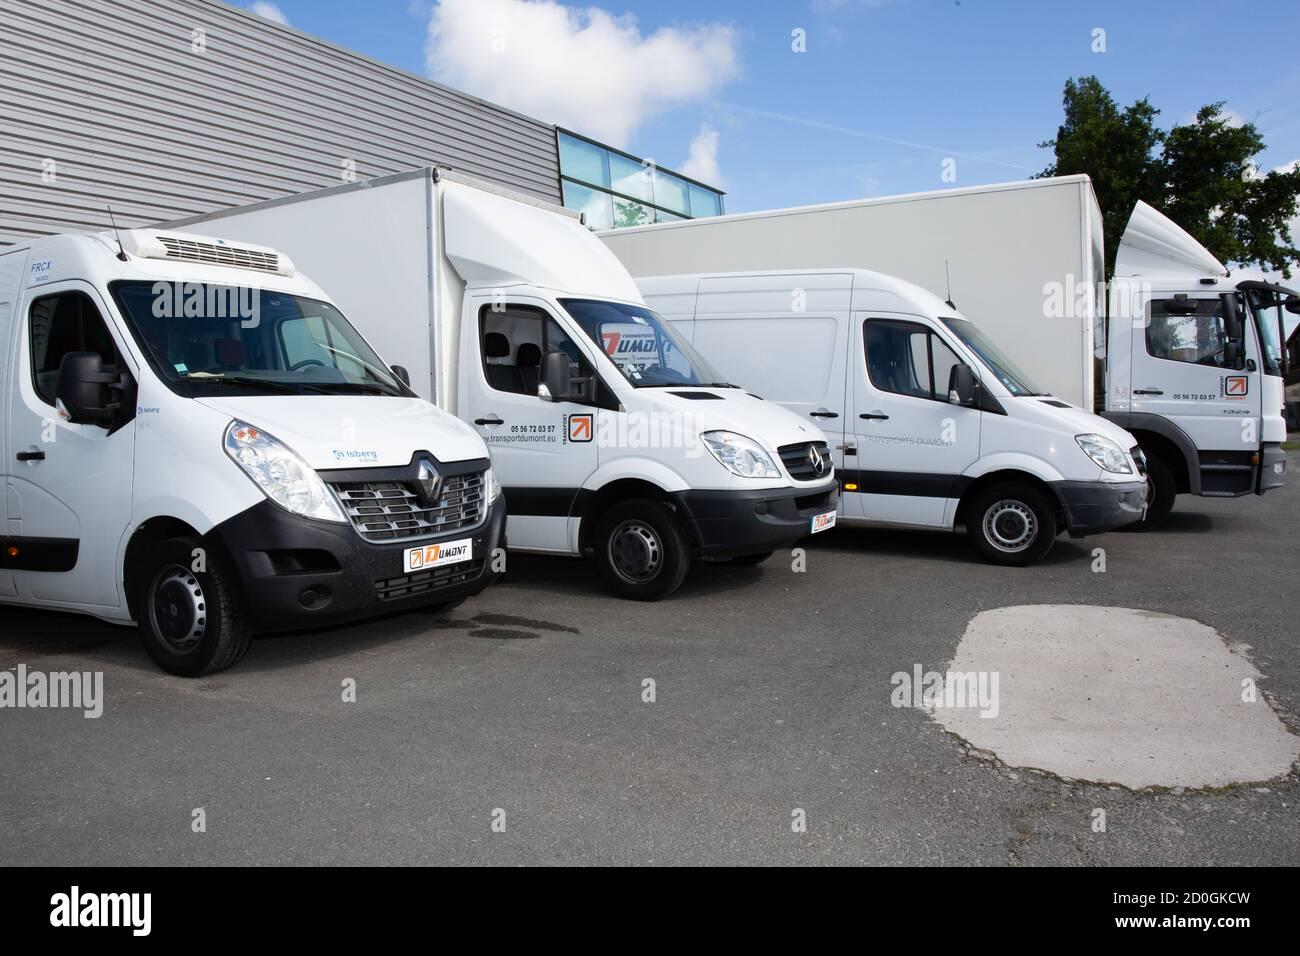 Bordeaux , Aquitaine / France - 09 25 2020 : transport dumont ...